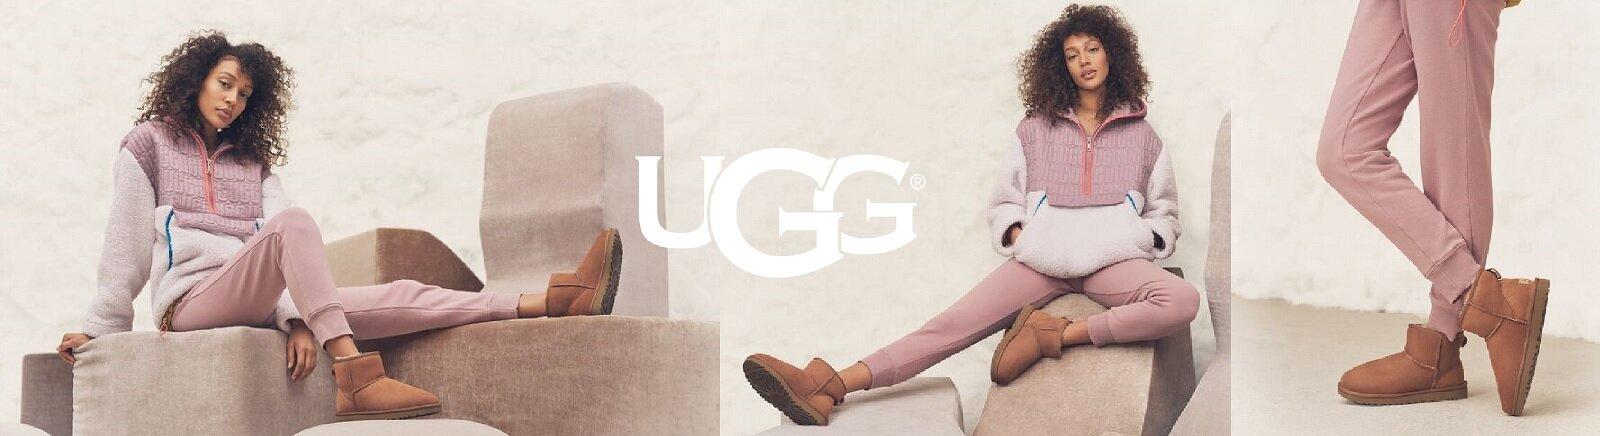 Juppen: UGG Damenschuhe online shoppen